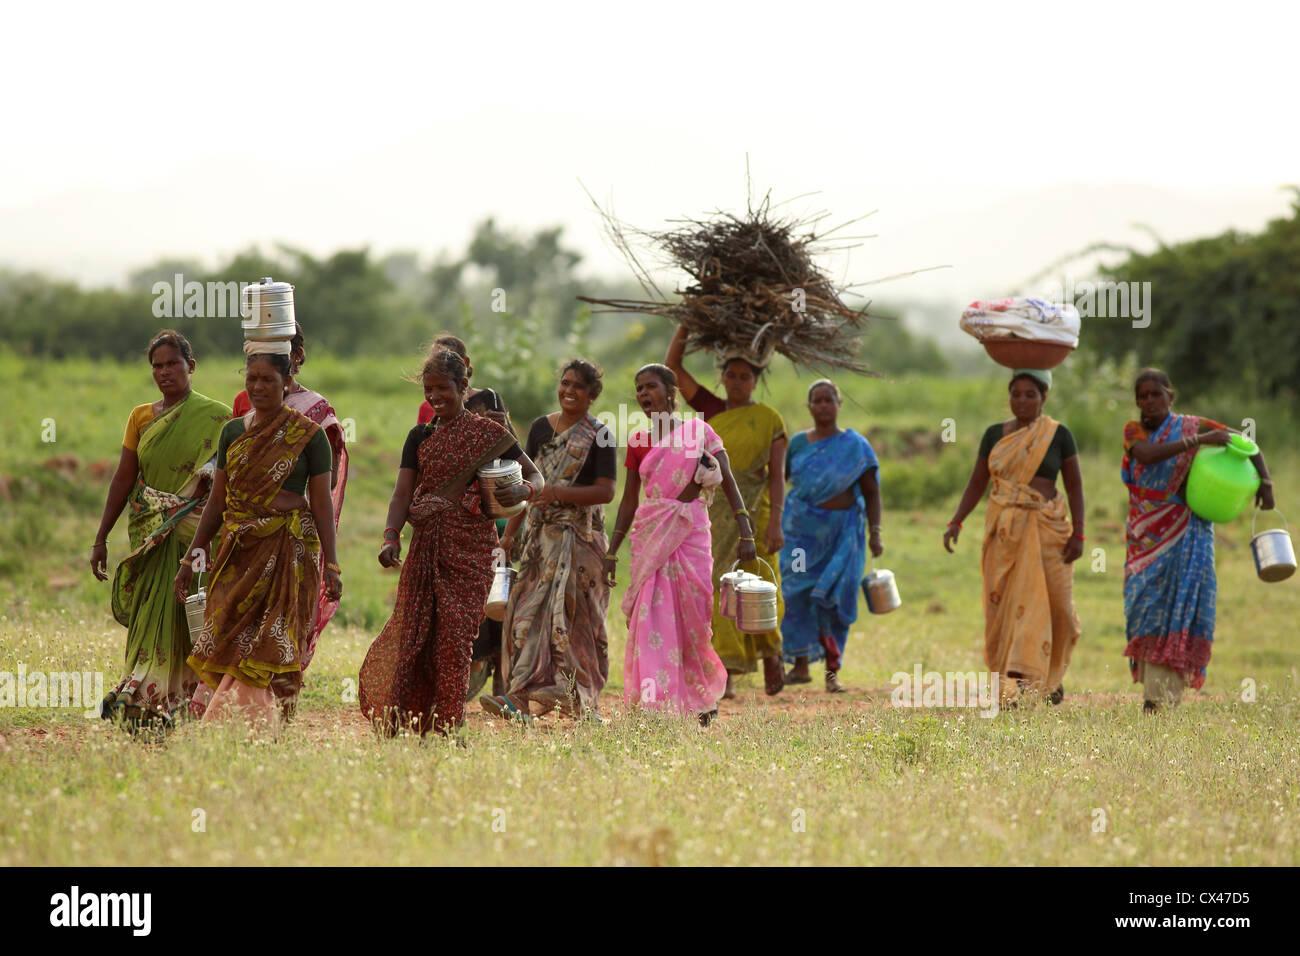 indian-women-walking-home-free-young-orgy